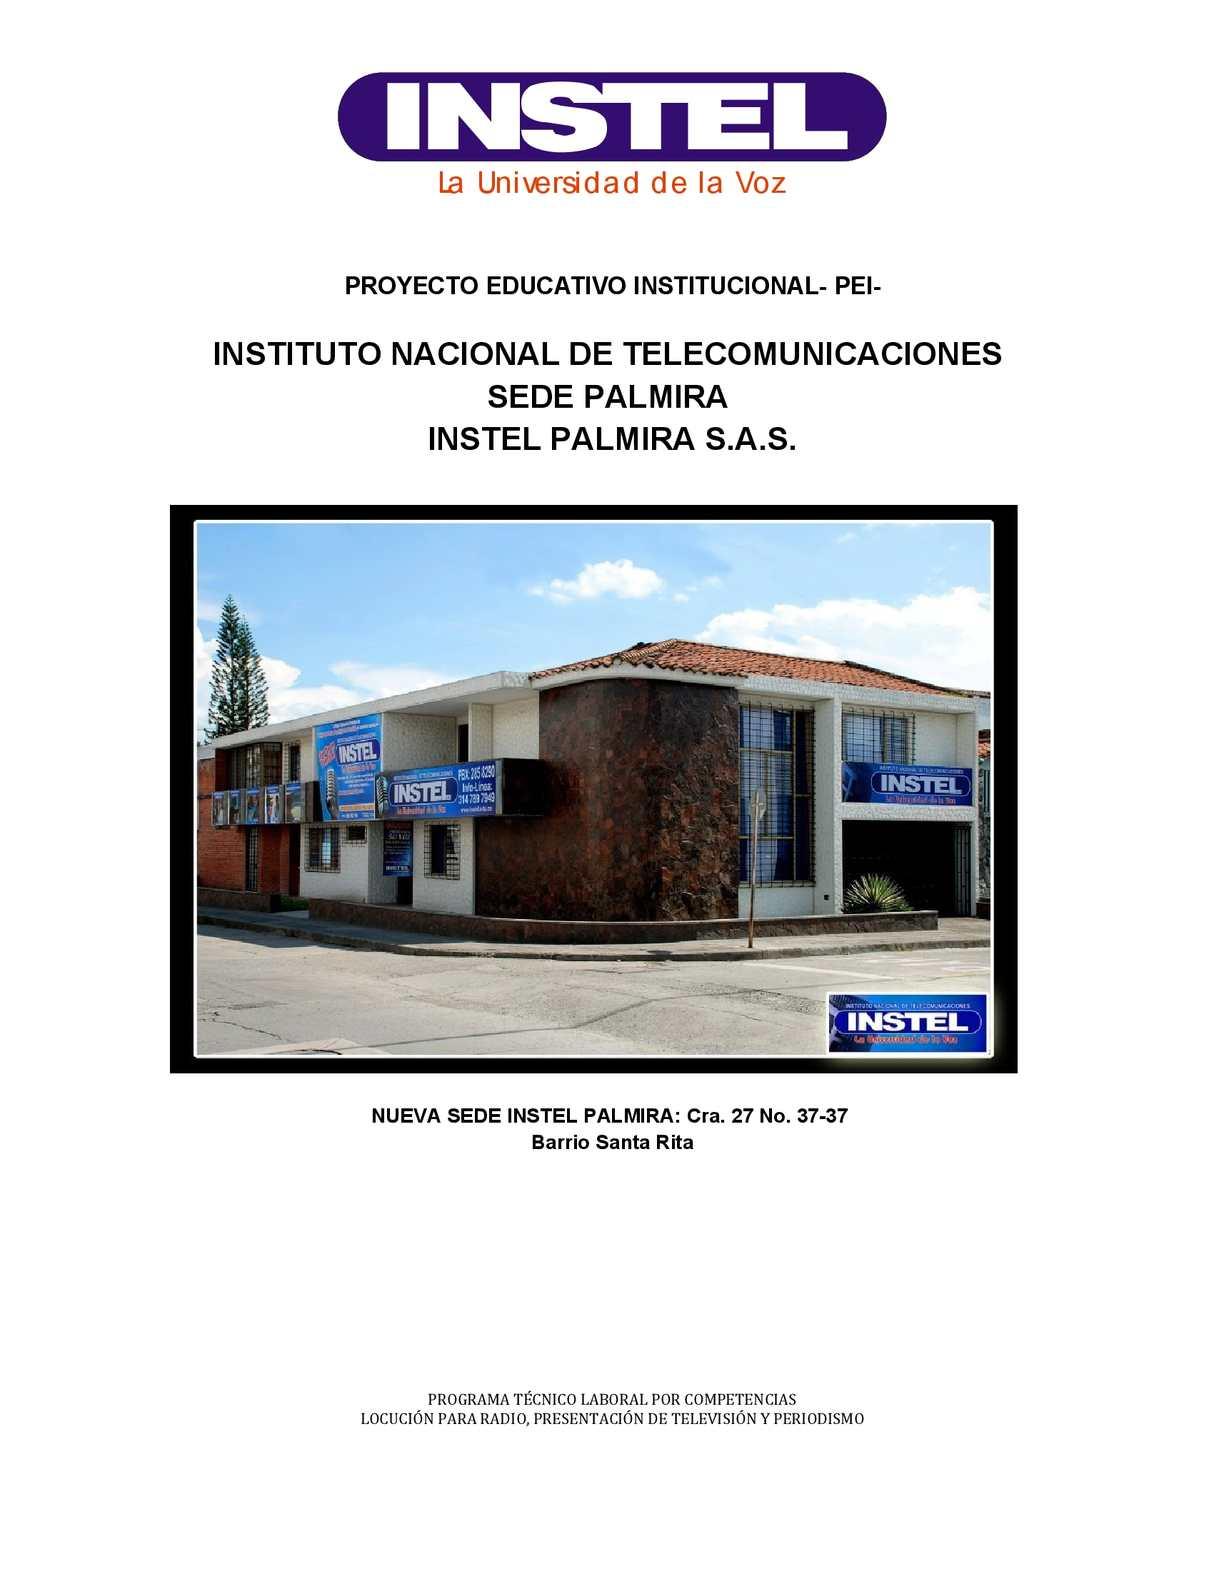 PROYECTO EDUCATIVO INSTITUCIONAL INSTEL PALMIRA